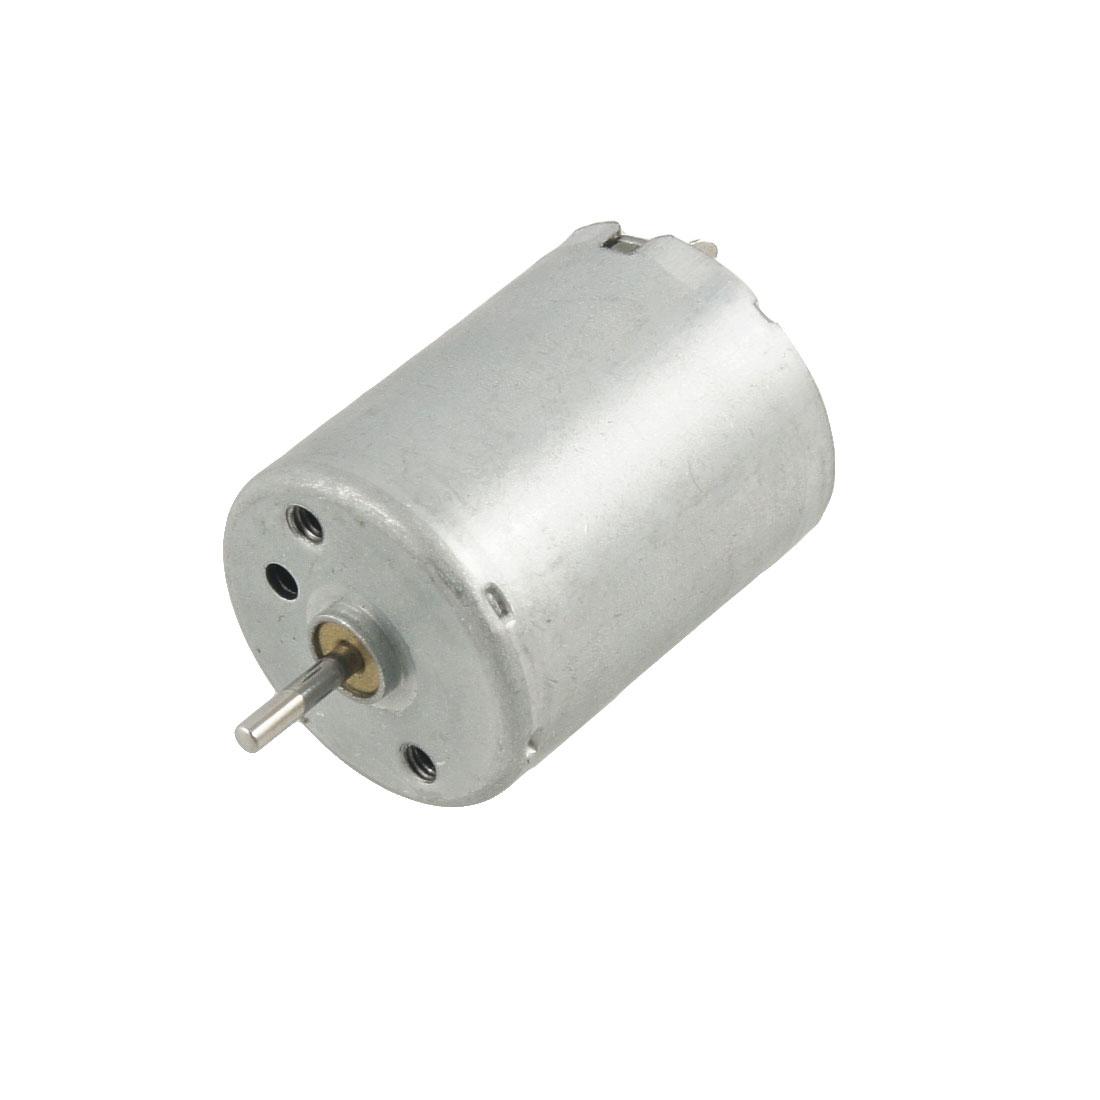 3600RPM DC 12V 0.02A 20.1g-cm Torque 24mm Dia Micro Motor